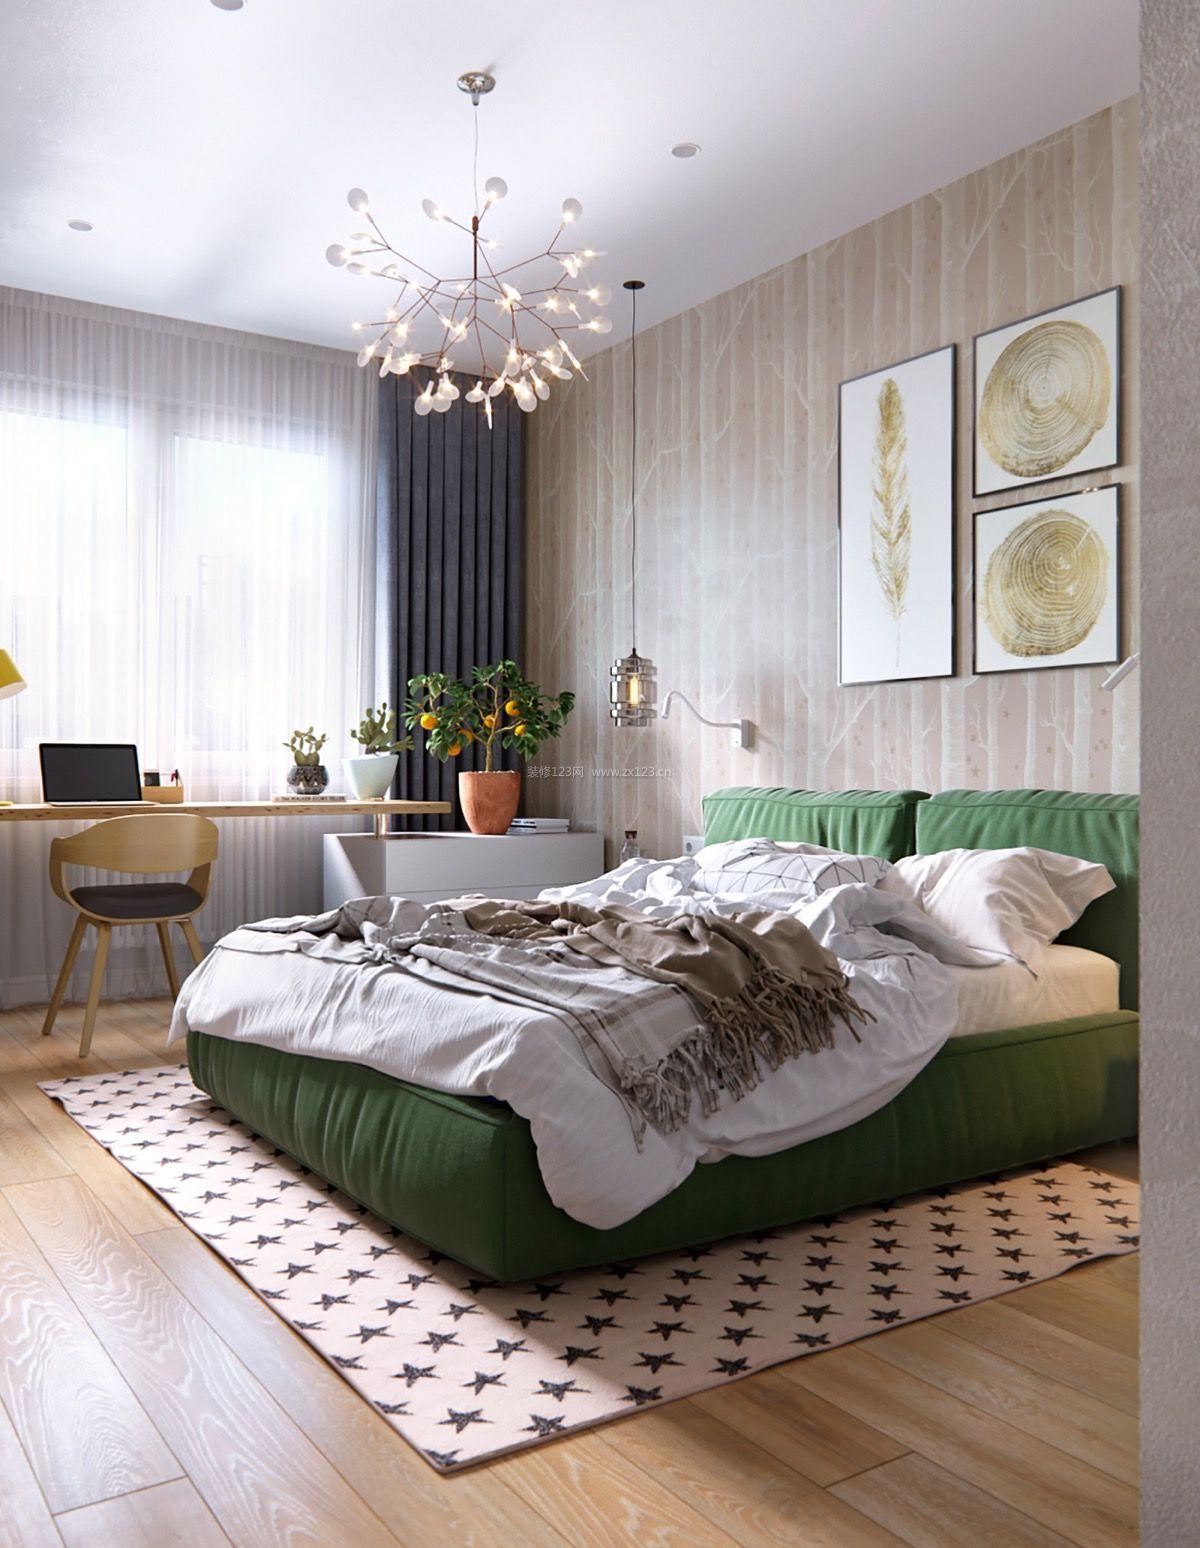 家装效果图 北欧 2018北欧卧室背景墙装饰装修效果图片 提供者:   ←图片